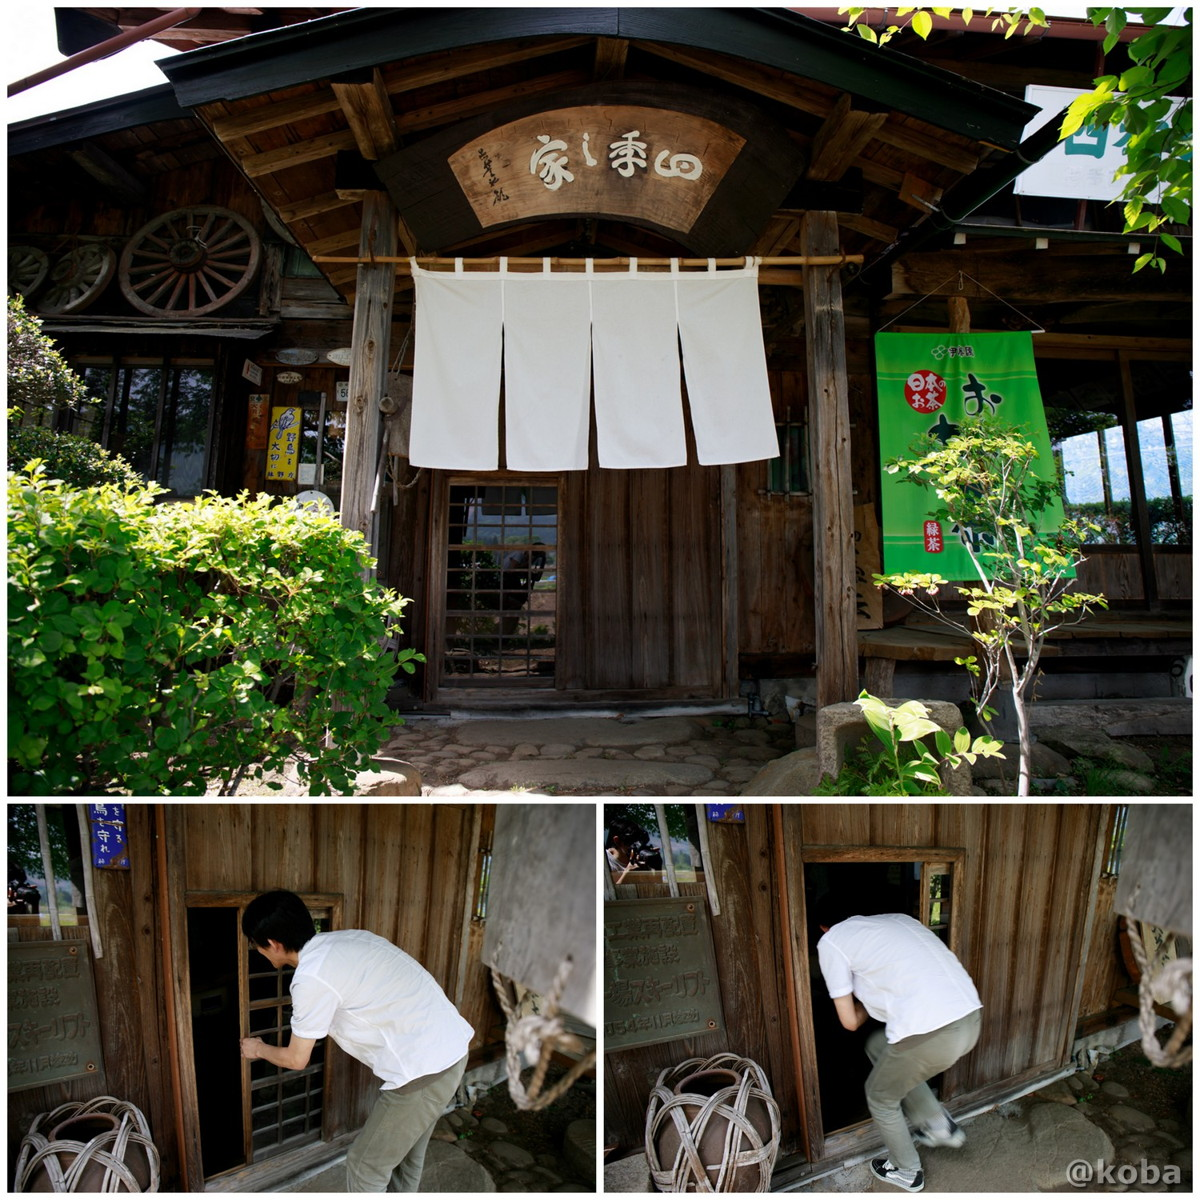 玄関 小さな入口(潜り戸)│たくみの里 四季の家│古民家 蕎麦ランチ│群馬県│こばフォトブログ@koba